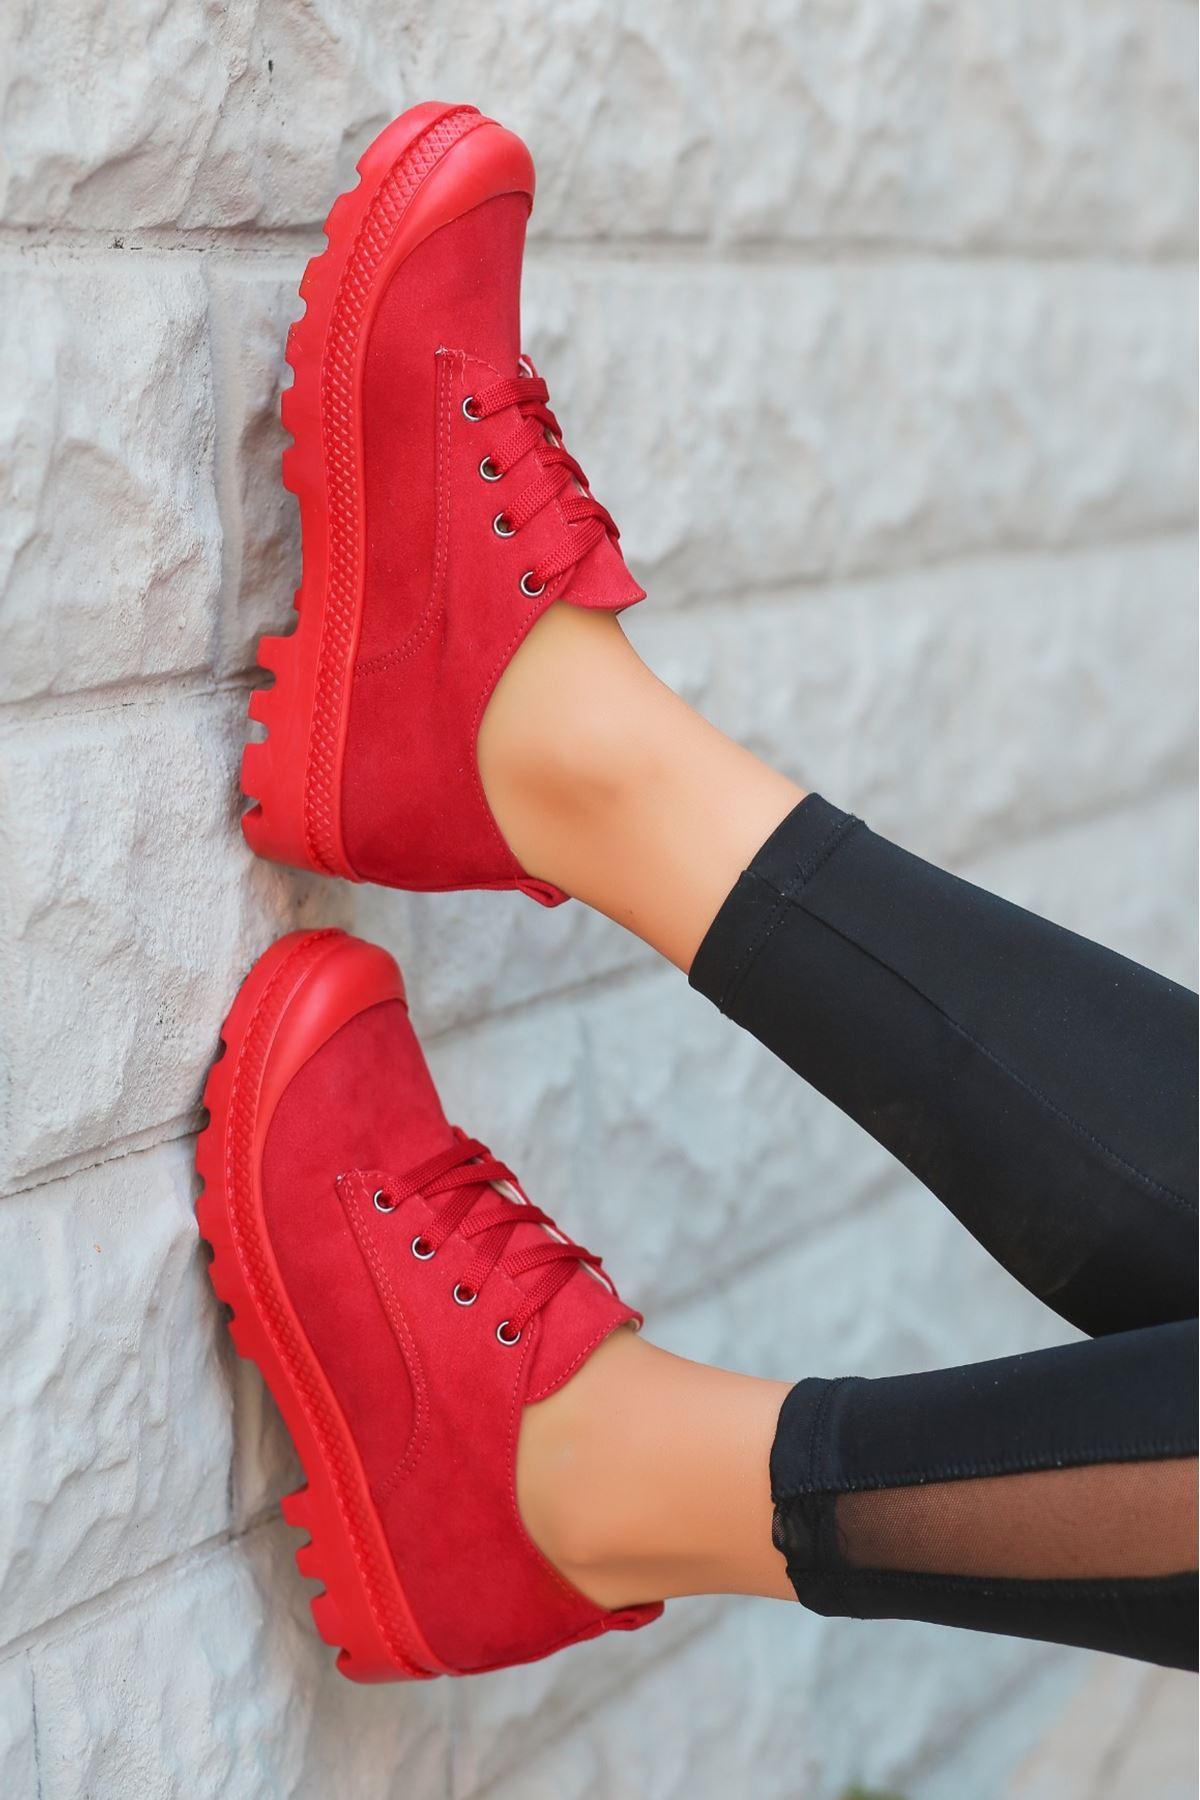 Mash Kırmızı Süet Bağcıklı Spor Ayakkabı